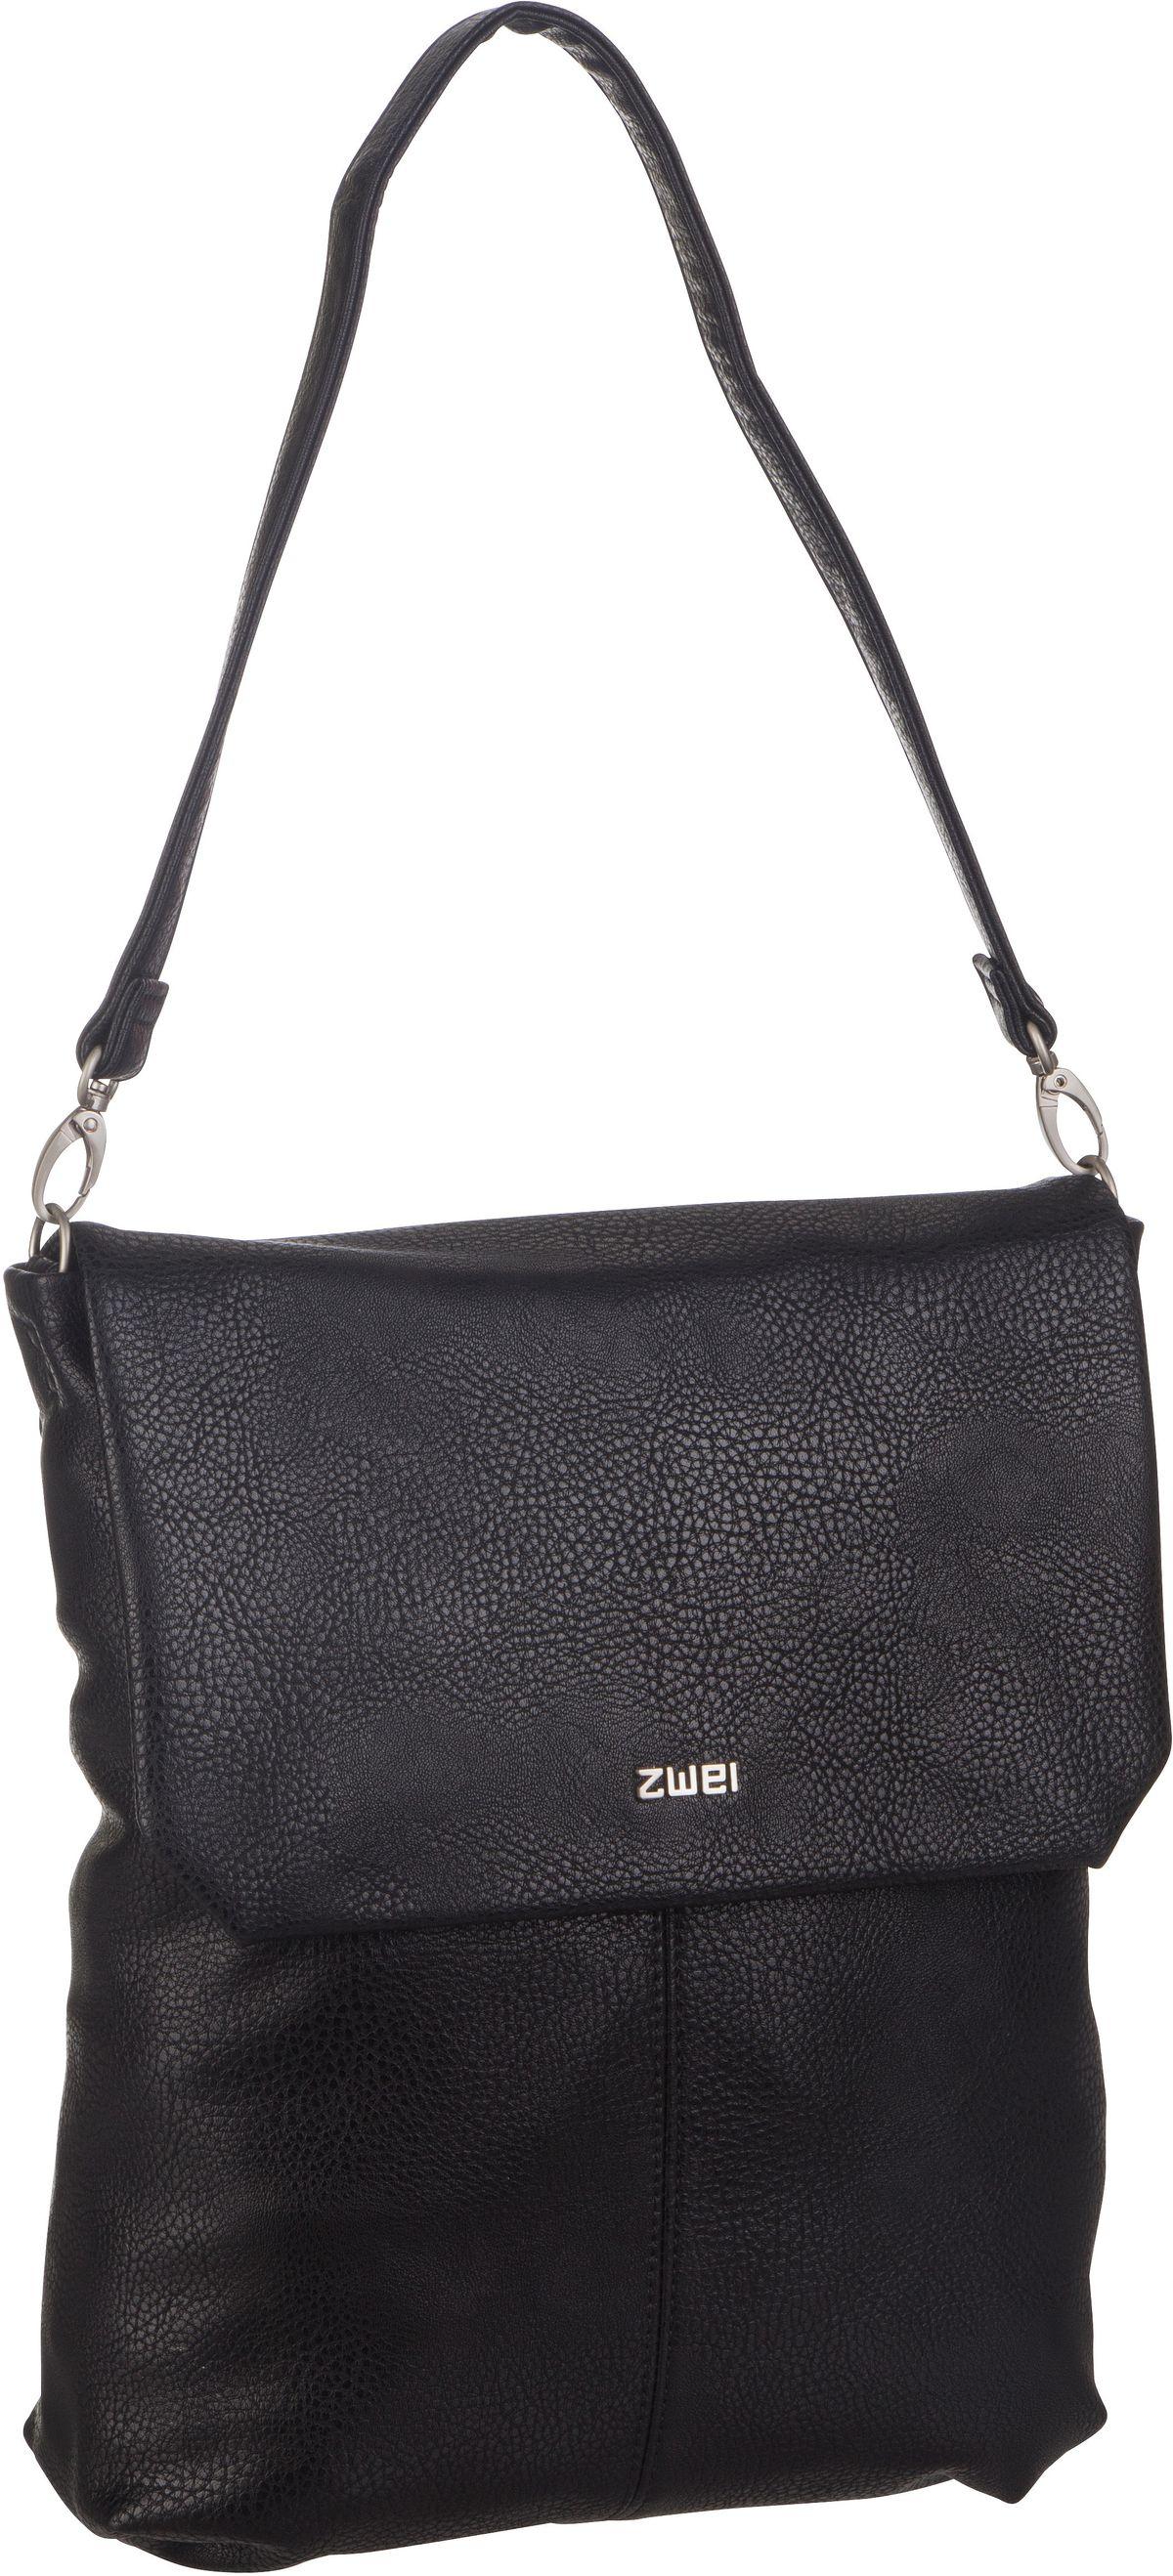 Handtasche Mademoiselle MT15 Noir (7 Liter)